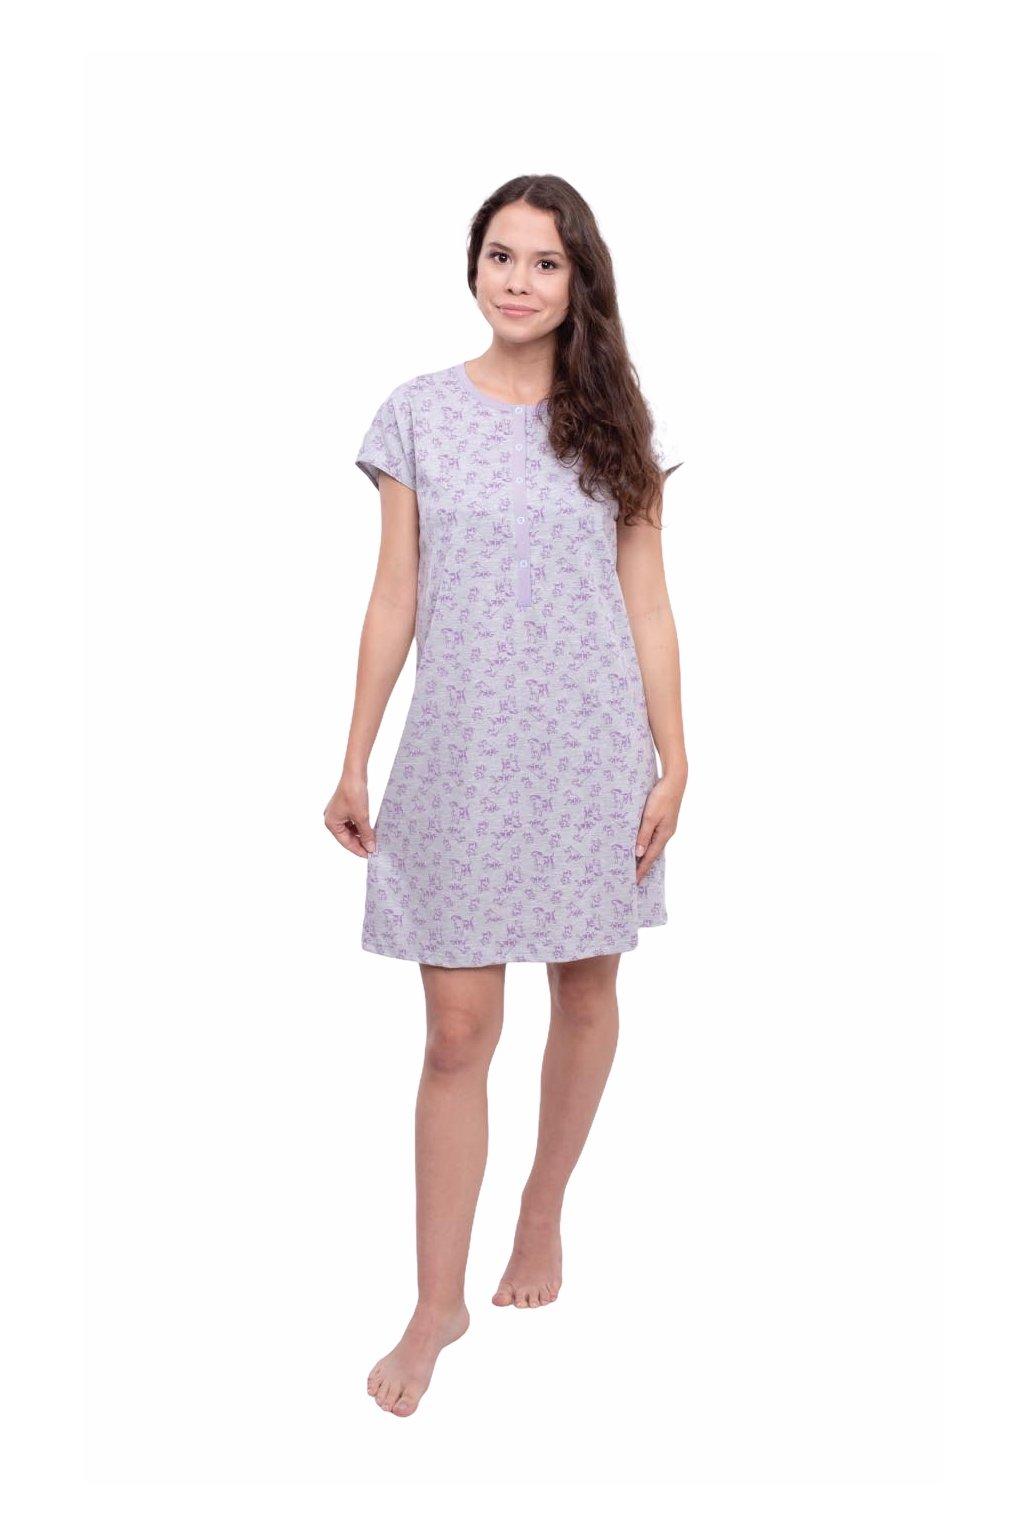 Dámská noční košile s krátkým rukávem, 104564 12, fialová